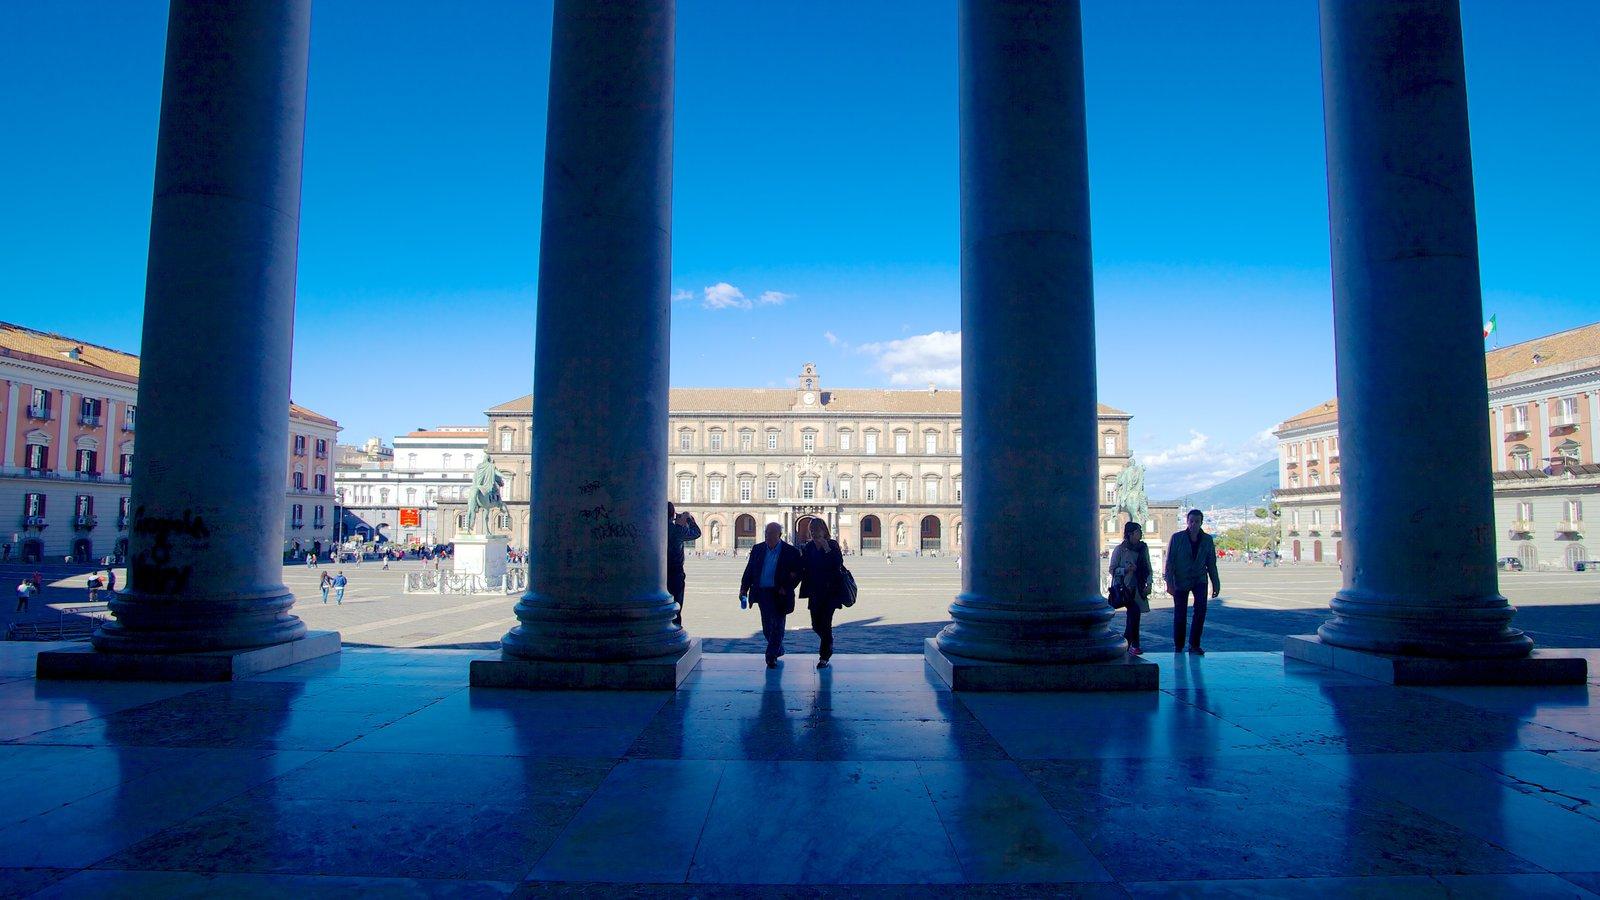 Palazzo Reale mostrando arquitetura de patrimônio assim como um pequeno grupo de pessoas